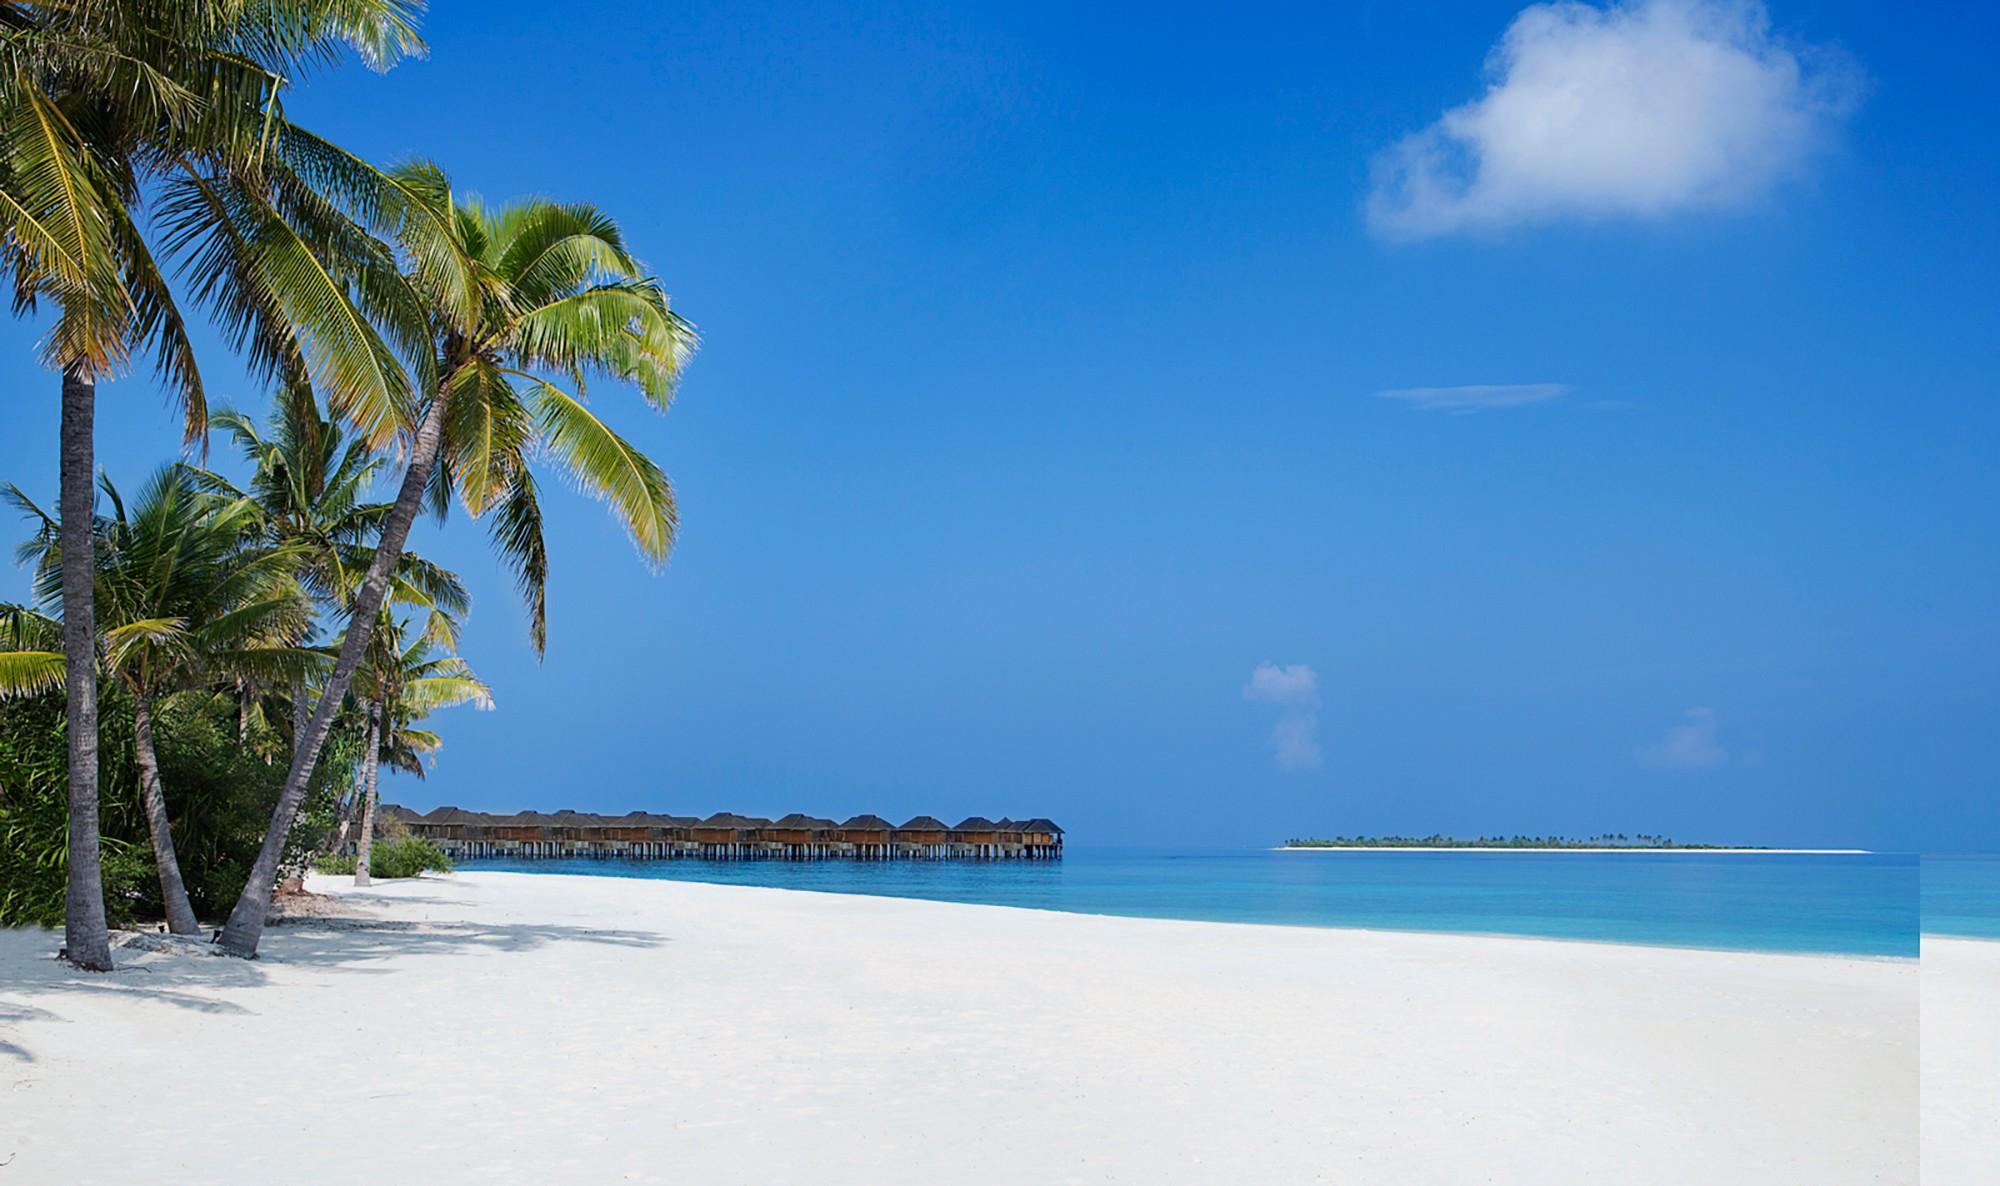 Indian Ocean 10